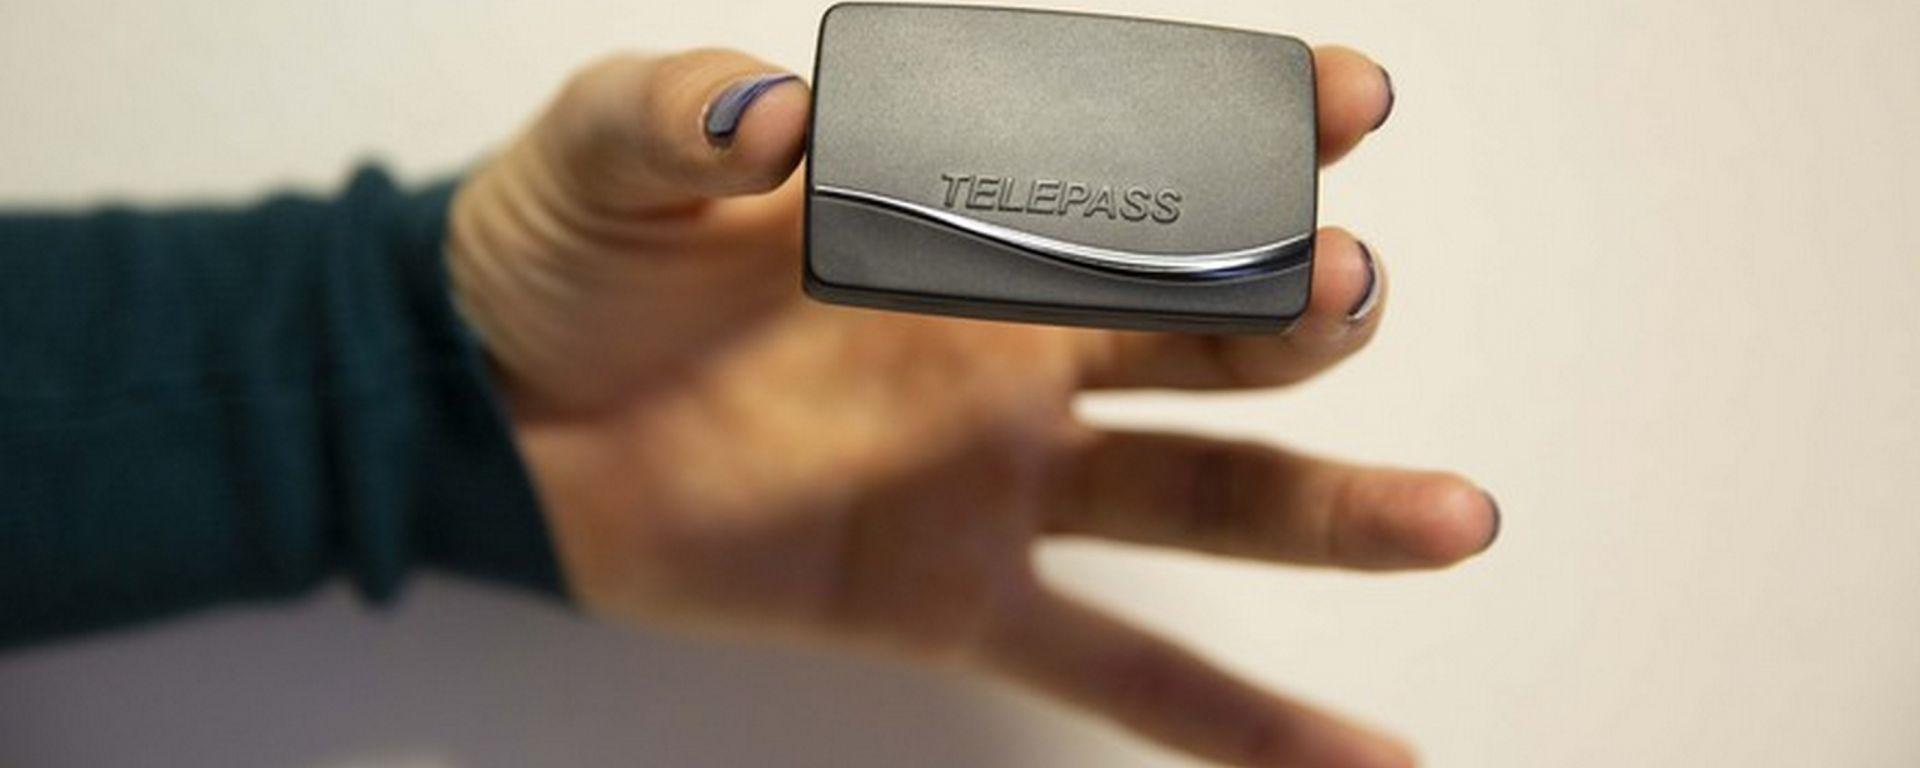 Nuovo Telepass, più piccolo e leggero